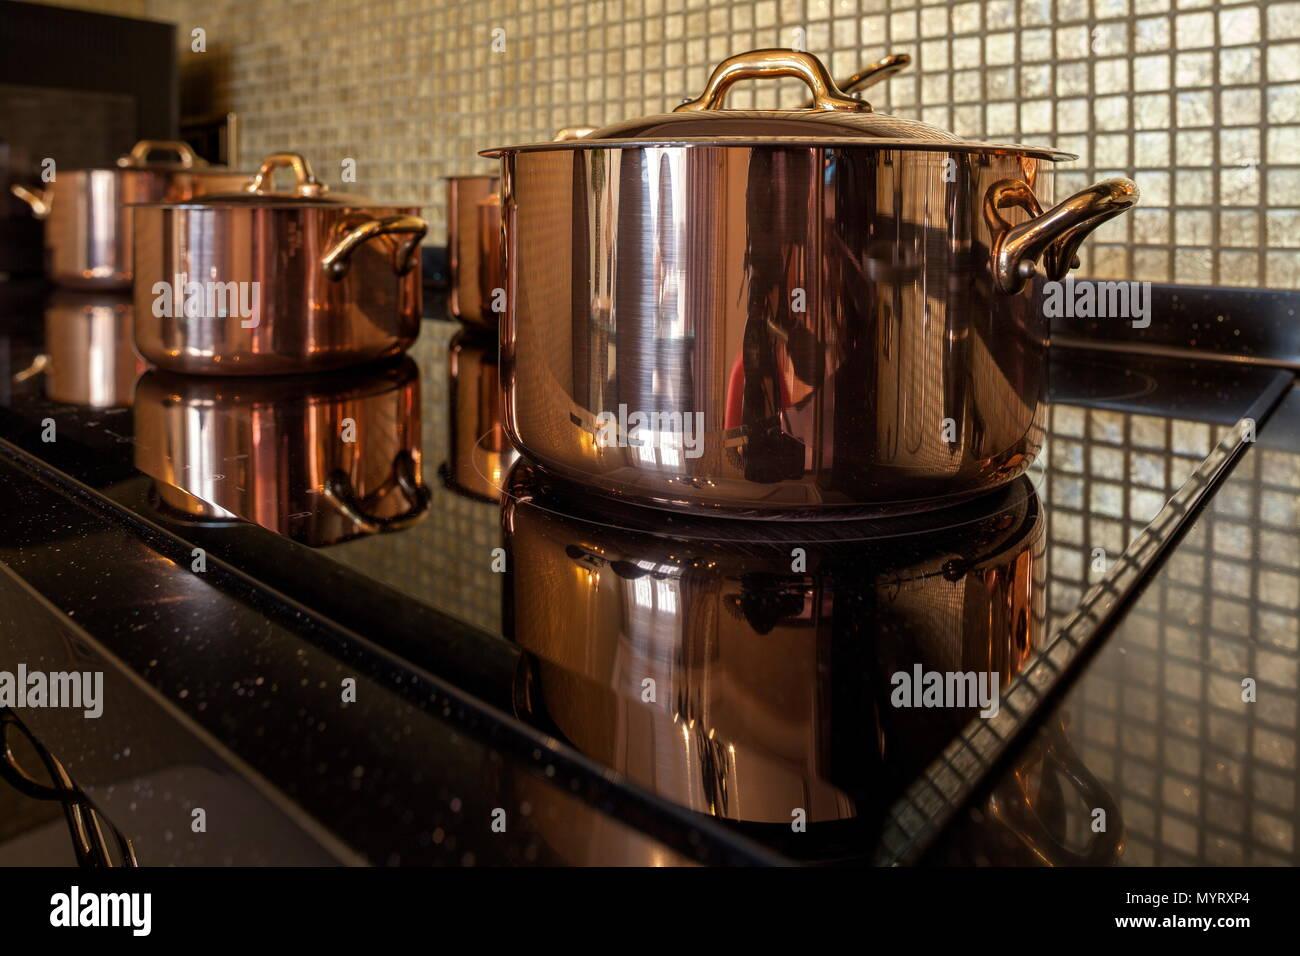 Batterie de cuisine en cuivre sur la cuisinière Photo Stock